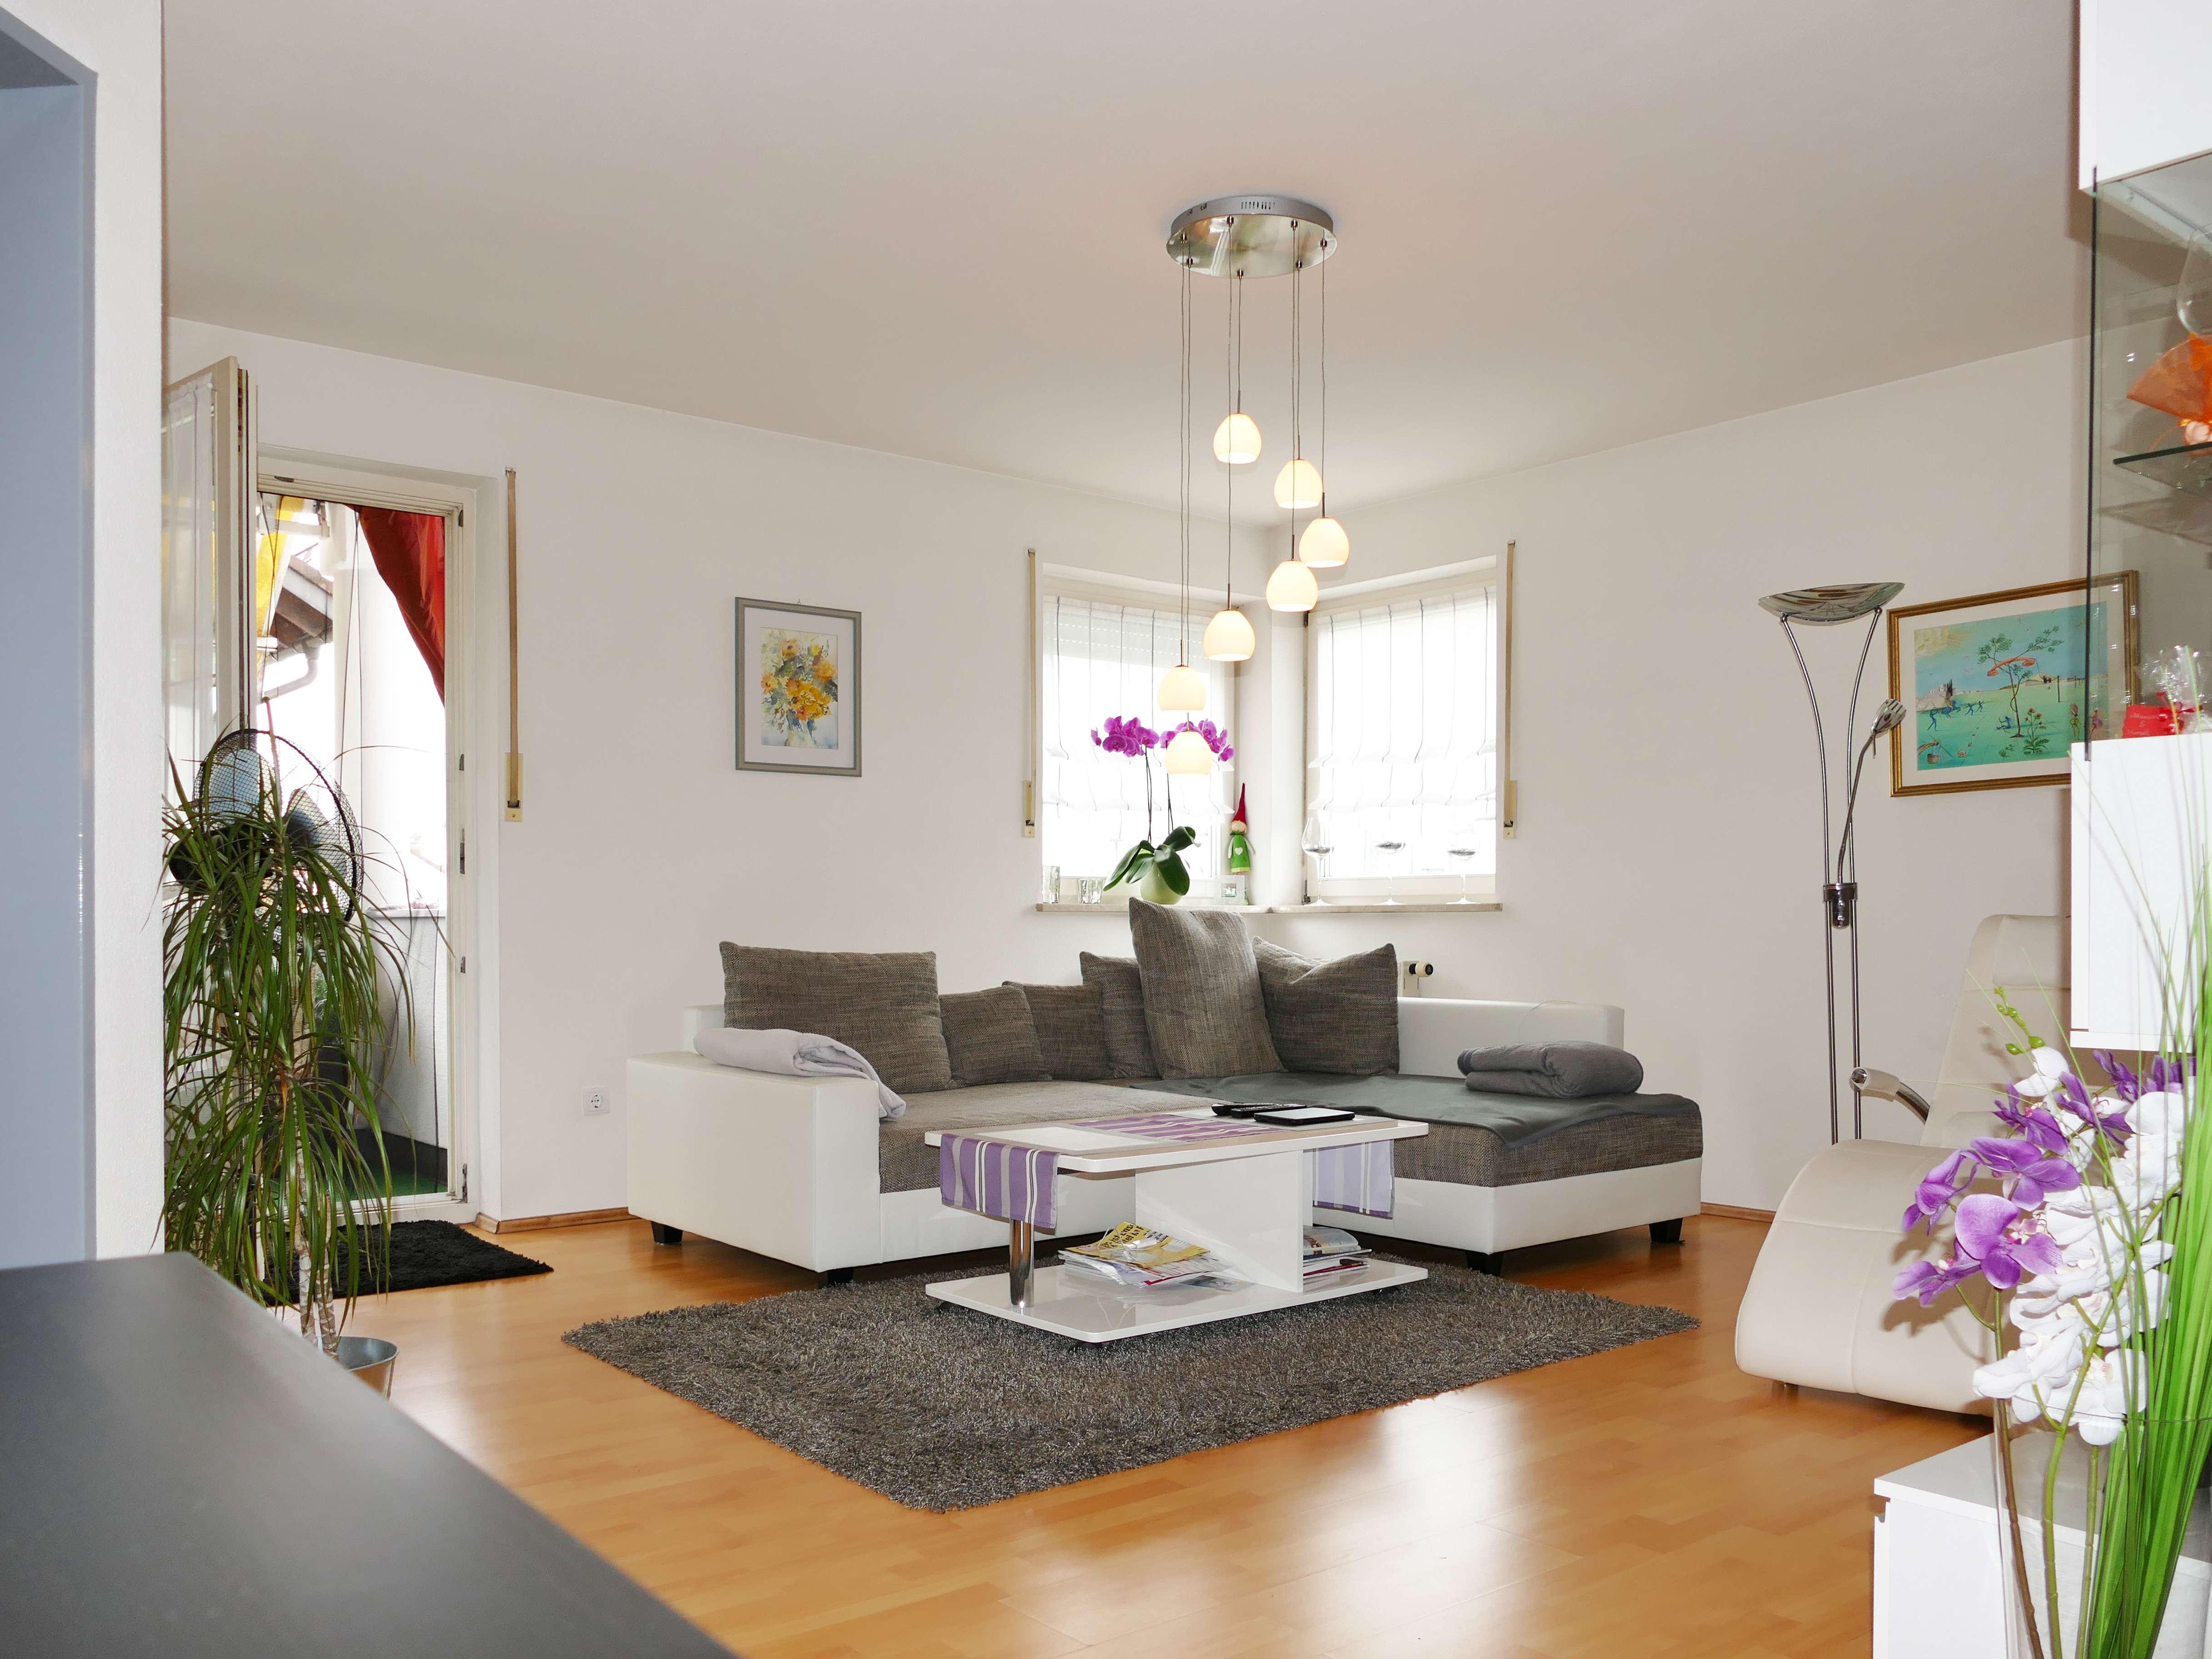 3,5-Zi.-Wohnung mit EBK, hell, 75 qm (von privat - ohne Provision)